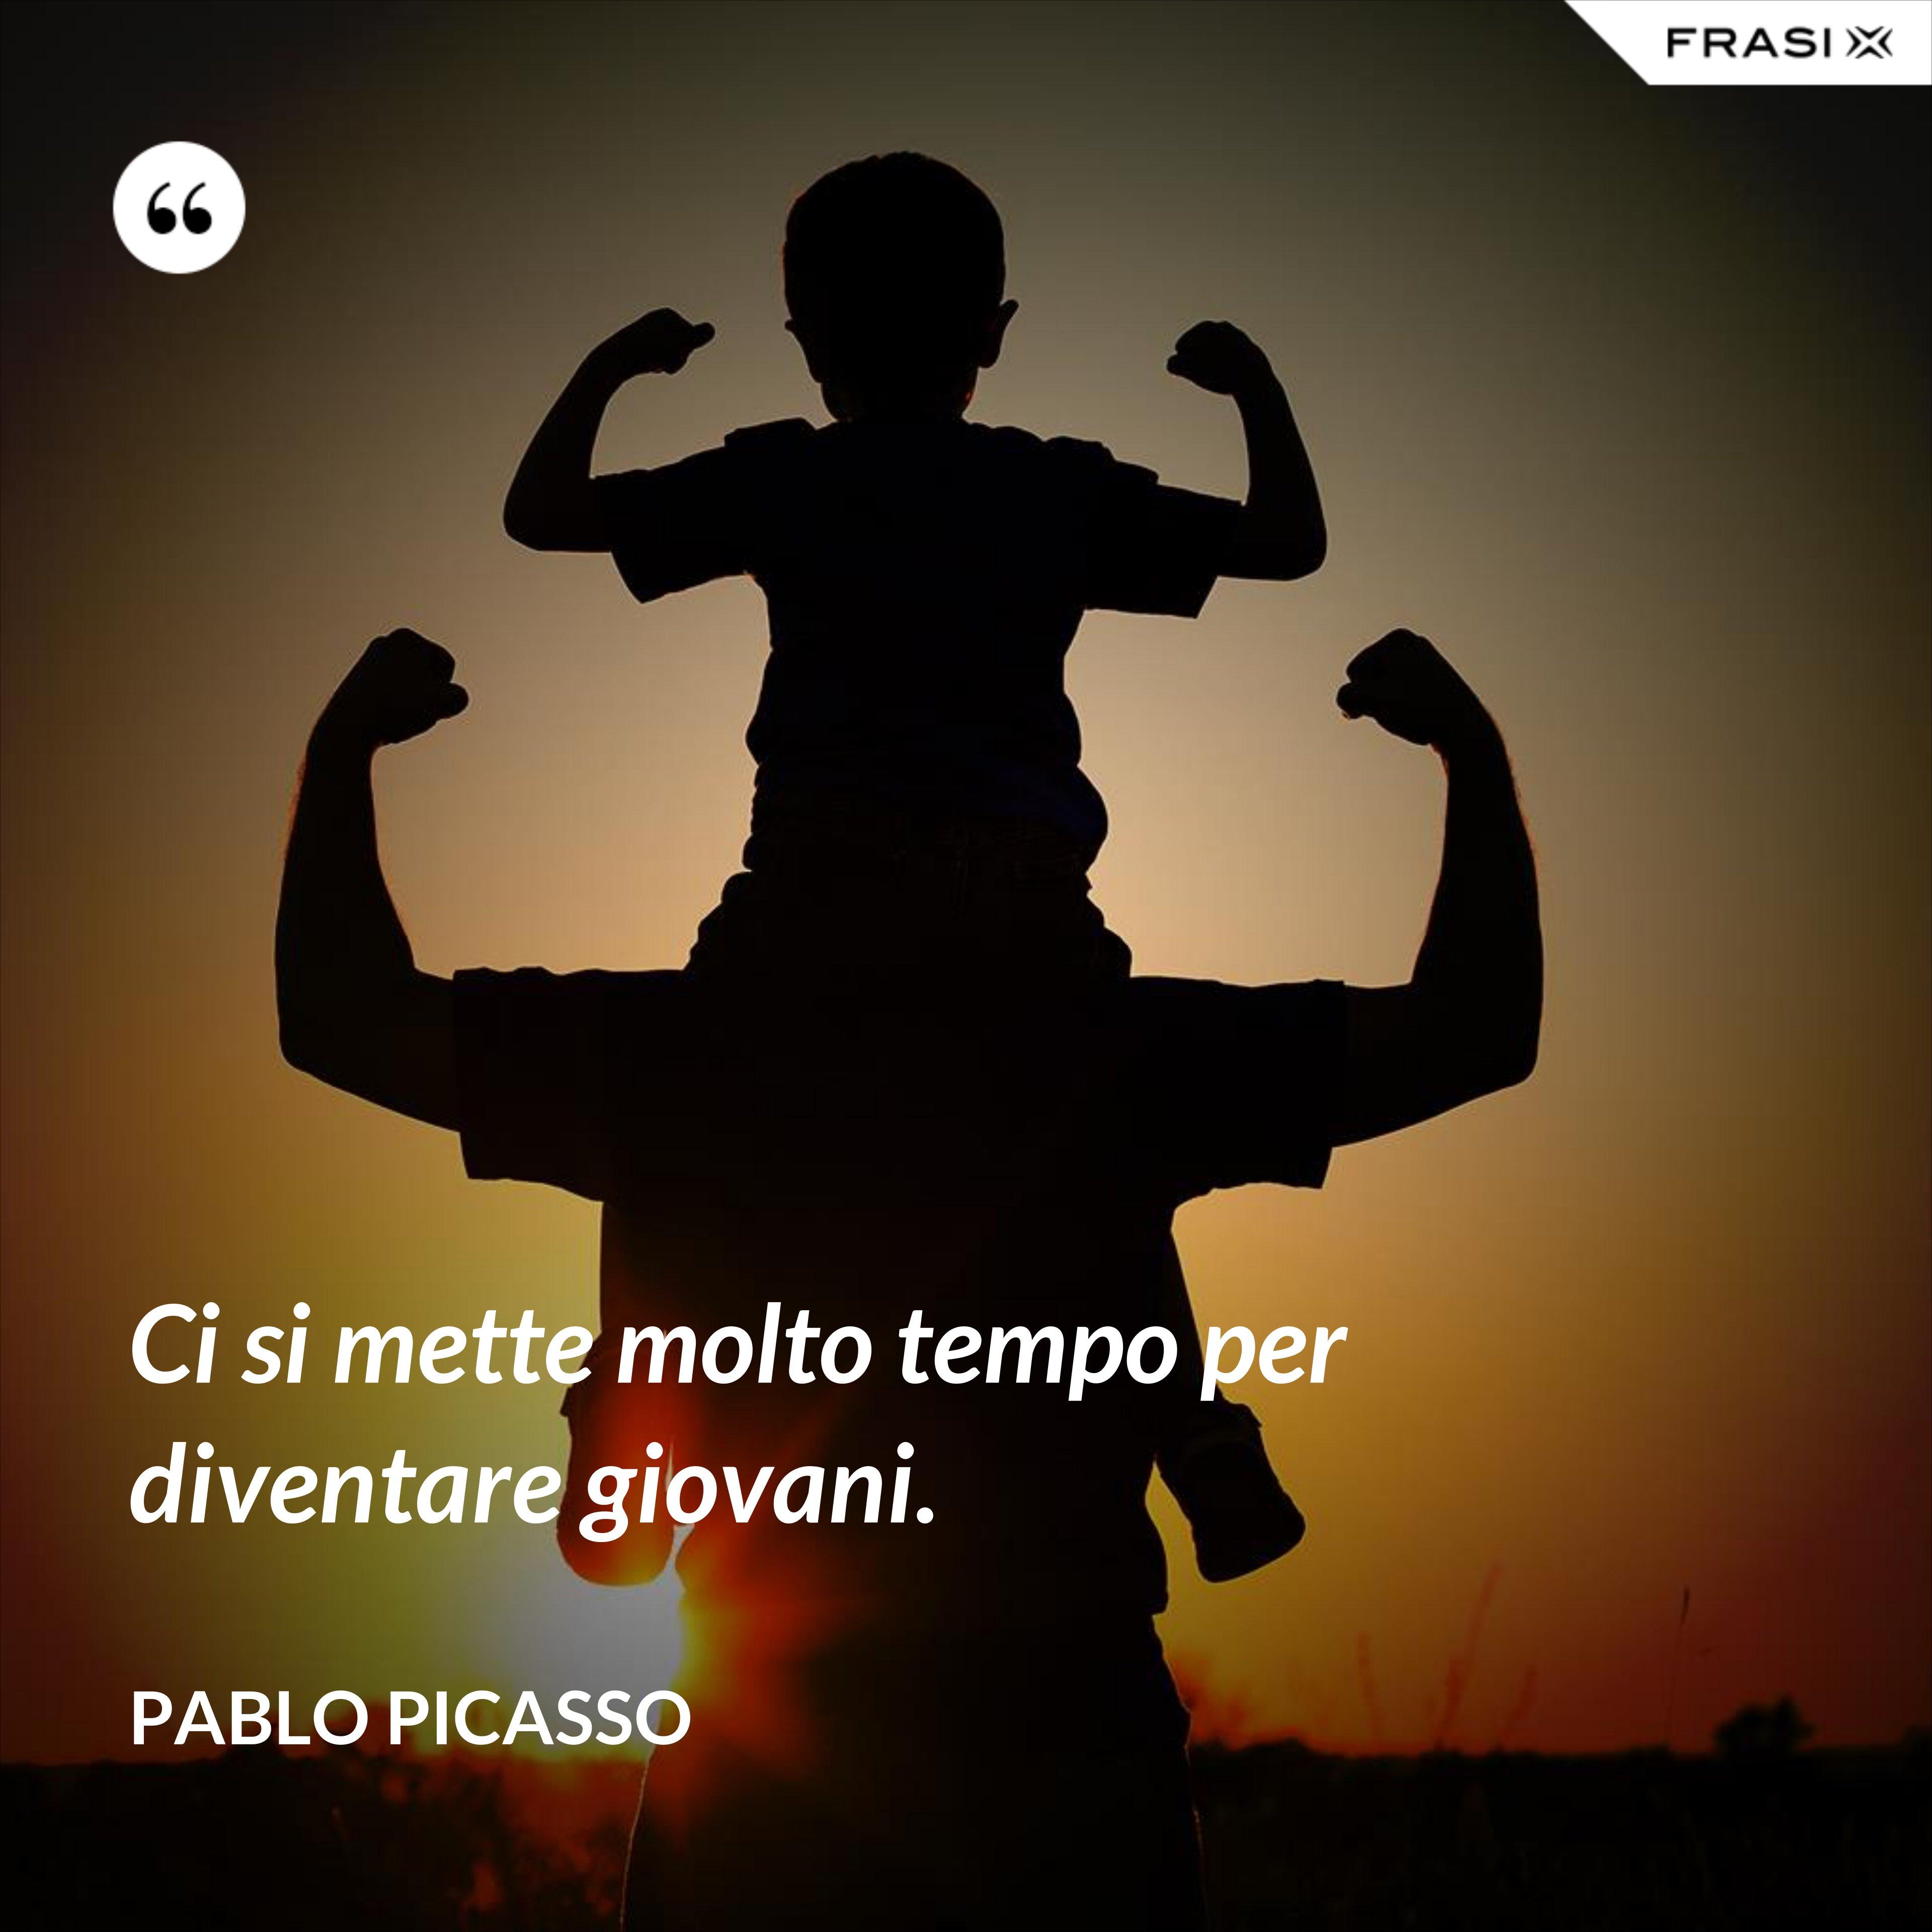 Ci si mette molto tempo per diventare giovani. - Pablo Picasso